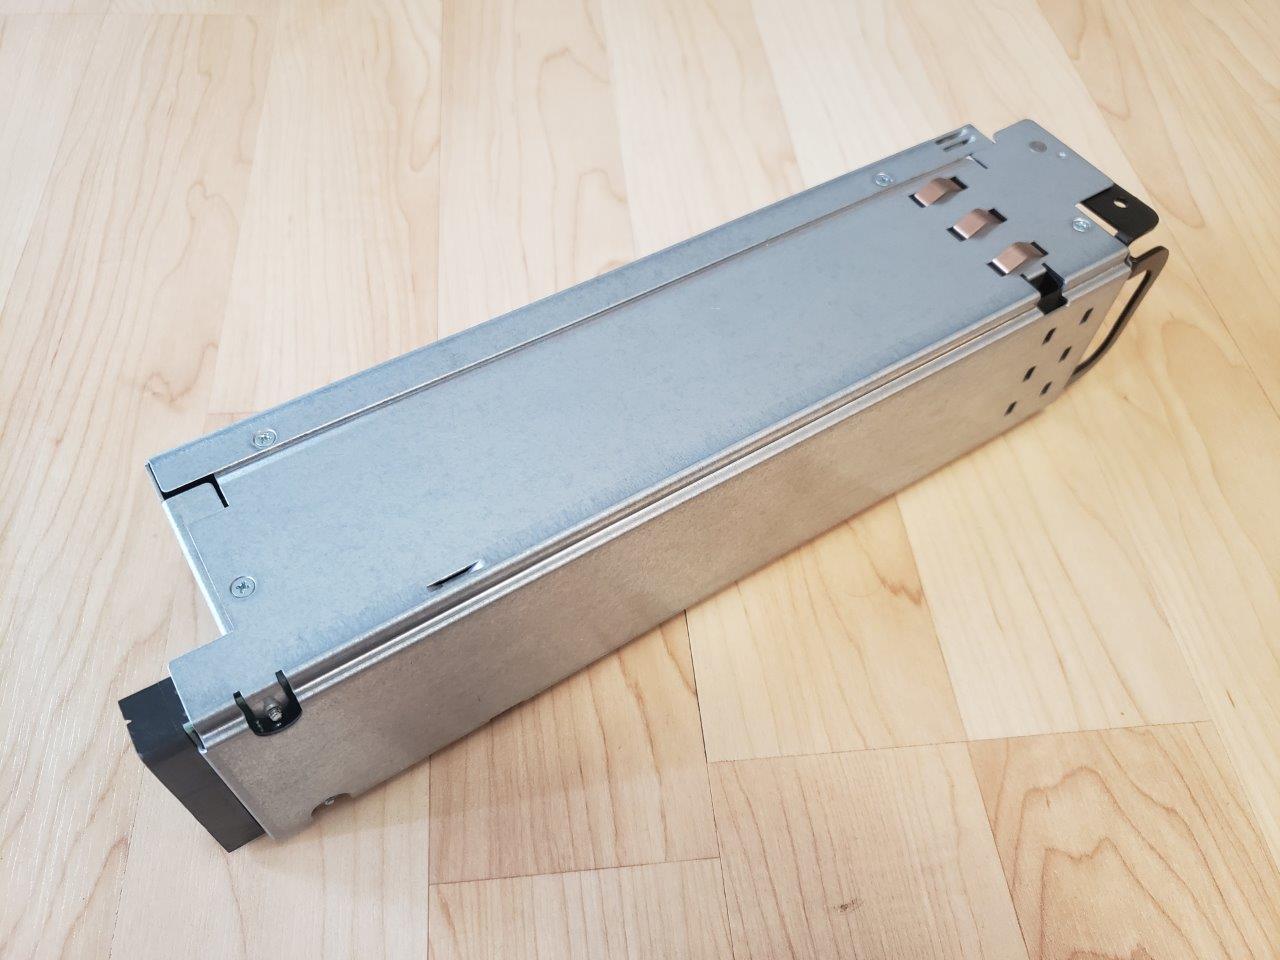 DELL POWEREDGE 2850 Hot Swap 700W Power Supply 2U, 7000814-0000, CN-0D3163-15544 REV A00 2U Server PSU